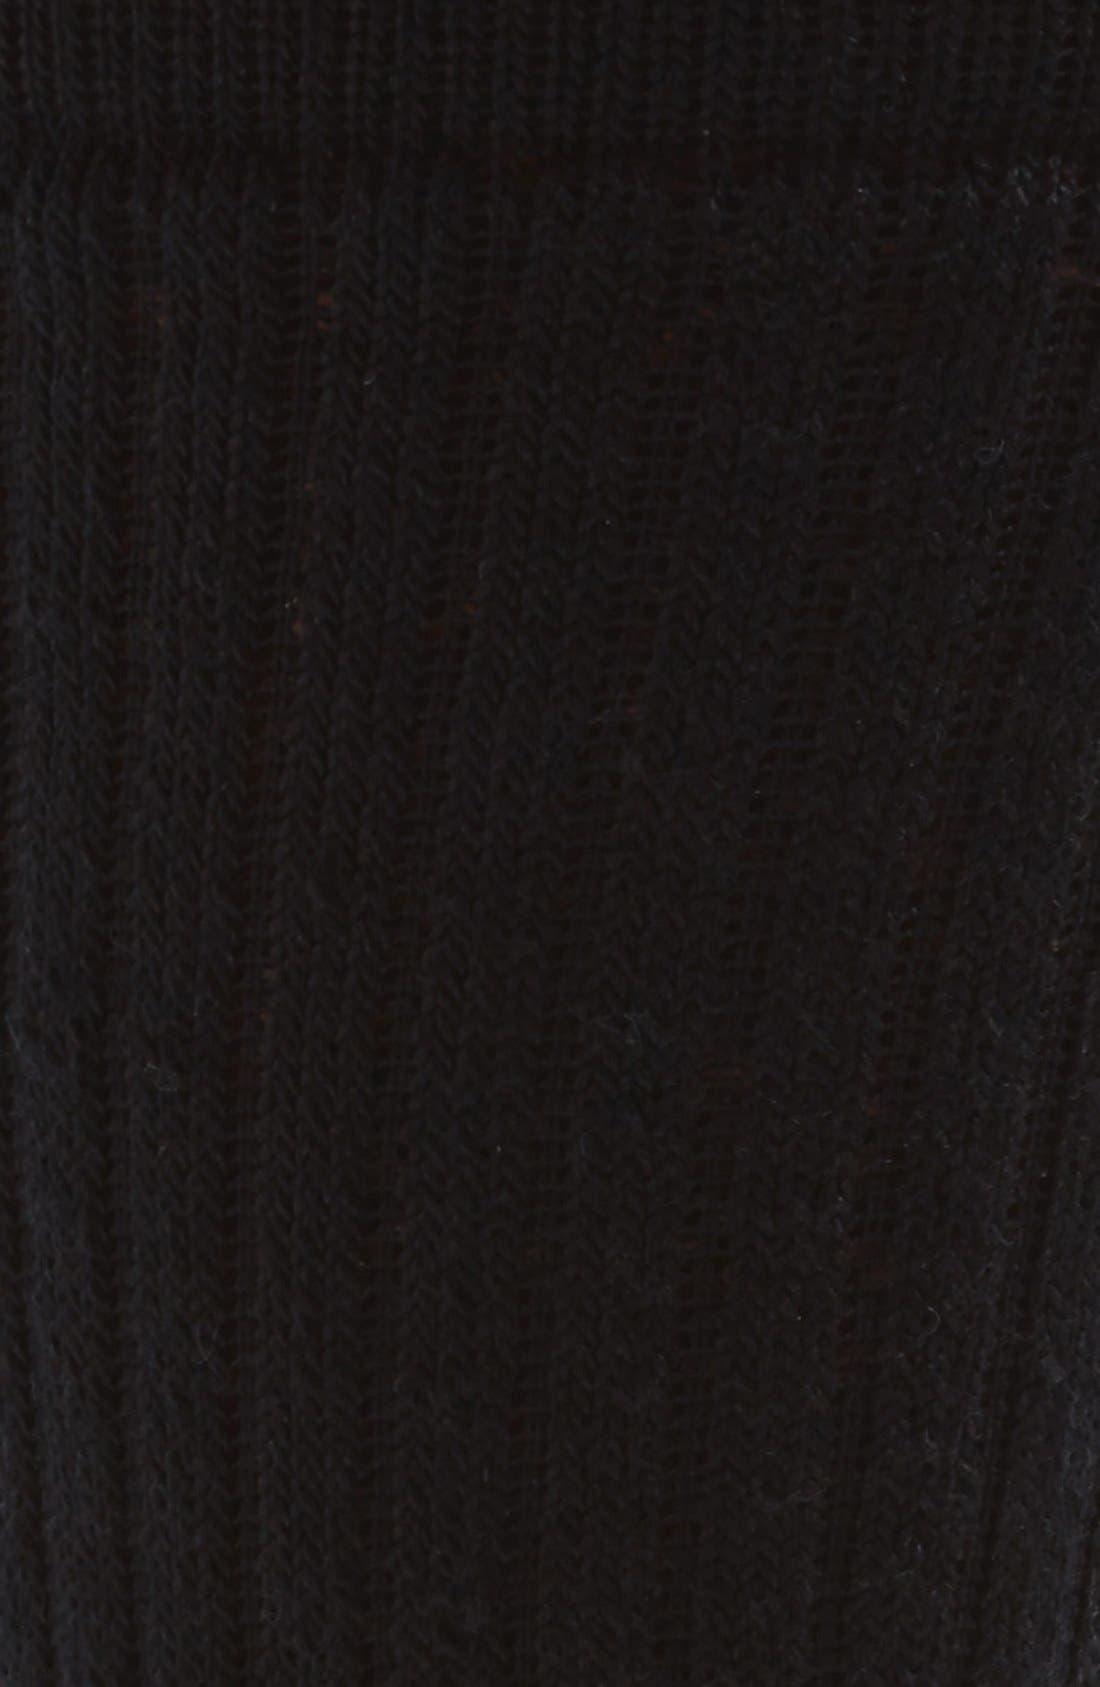 'Ten Mile Hiker' Merino Wool Blend Crew Socks,                             Alternate thumbnail 2, color,                             001